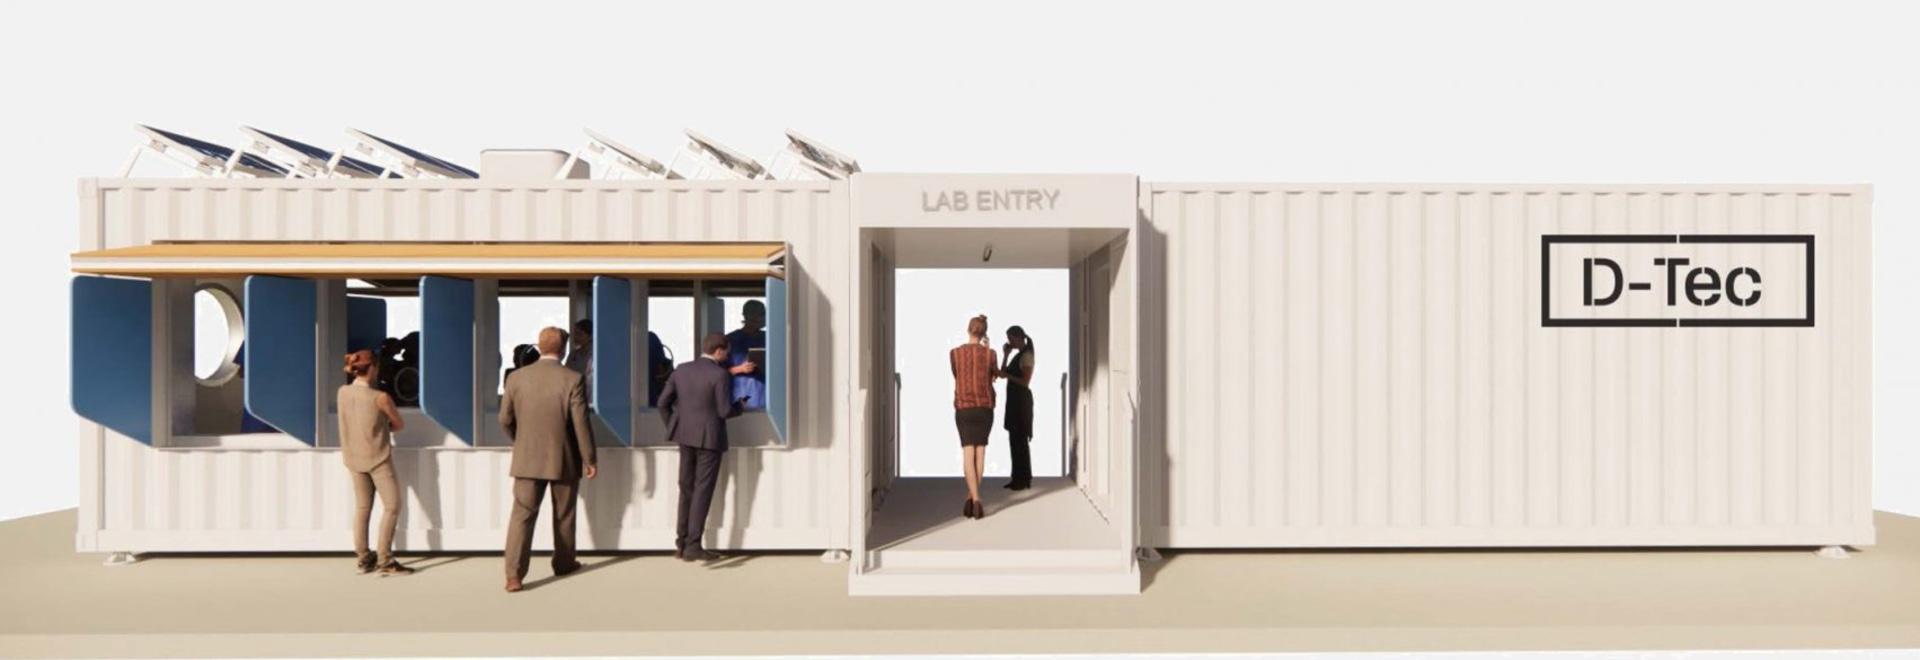 Grimshaw conçoit une gamme de centres de dépistage des coronavirus dans les conteneurs d'expédition